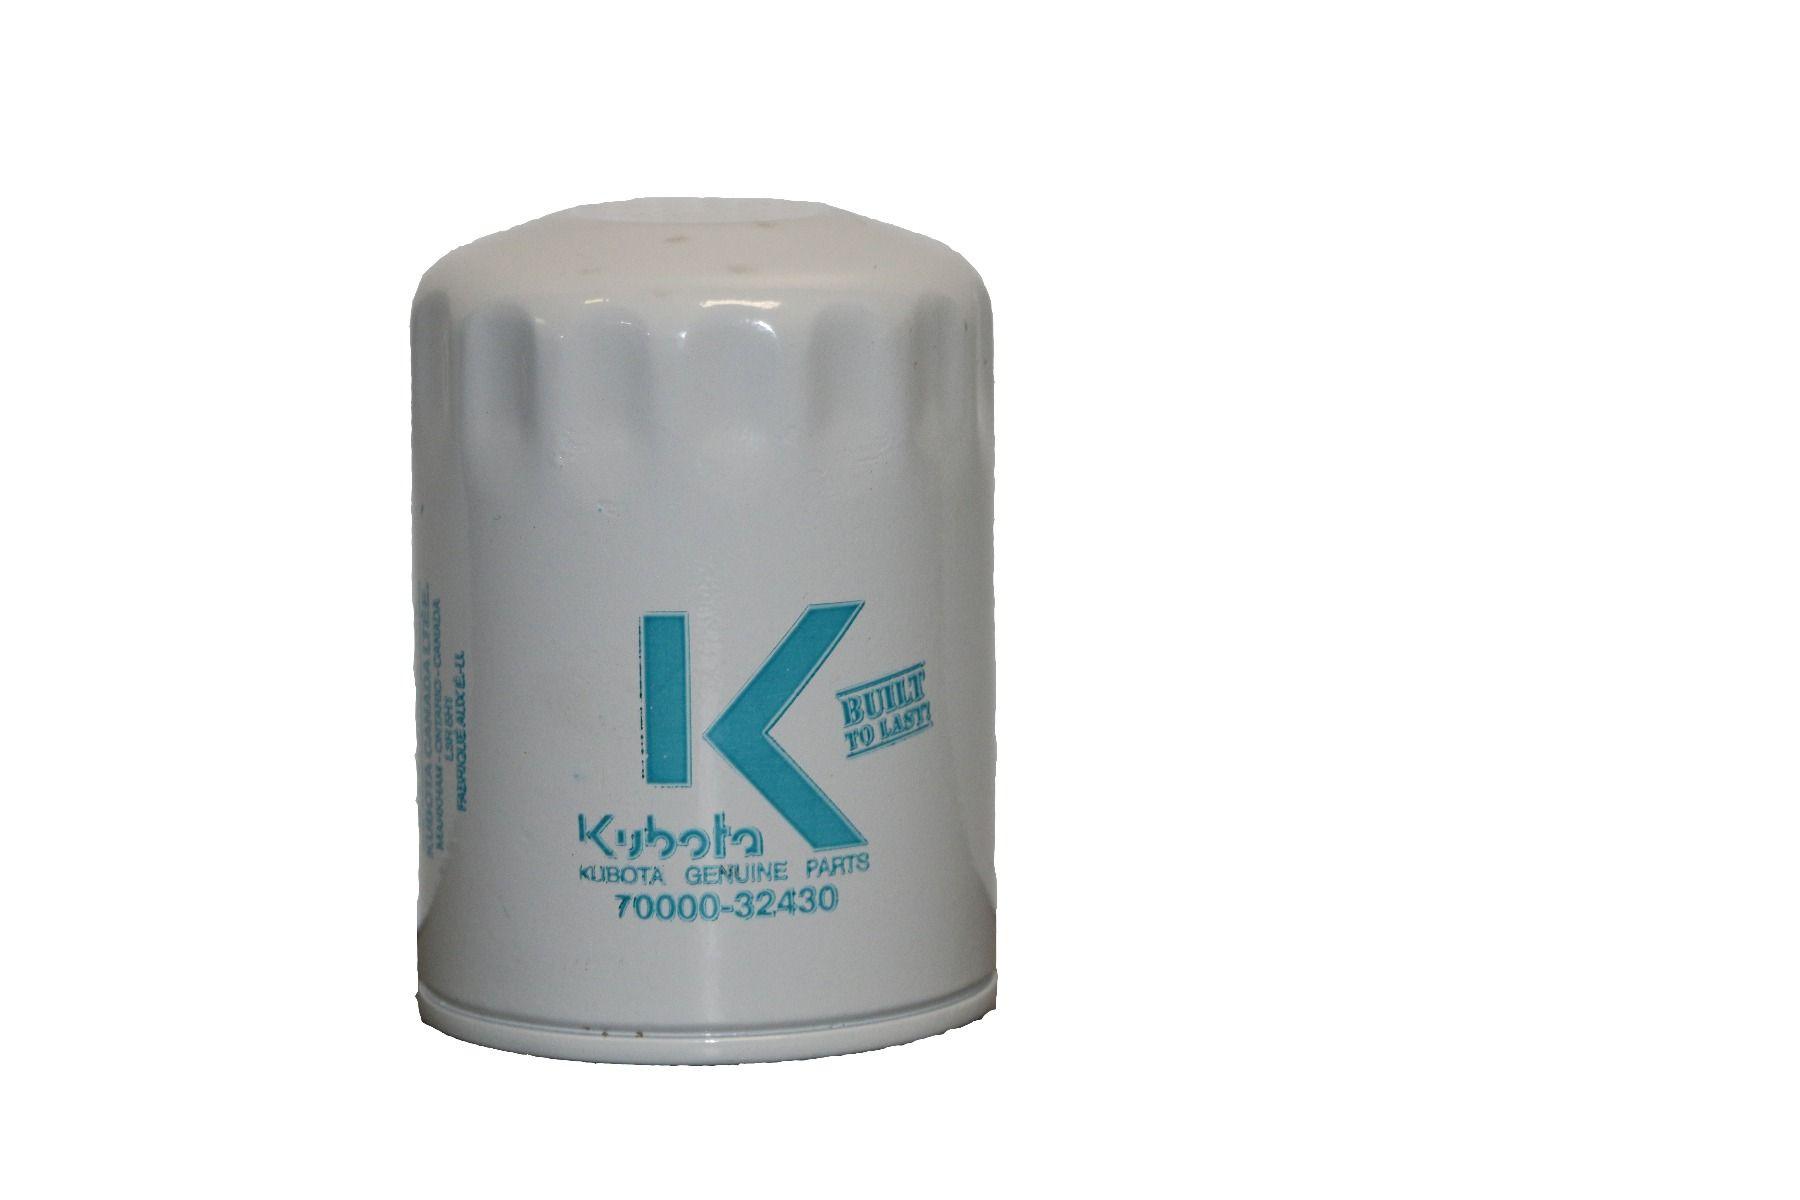 Kubota 70000-32430 Oil Filter Cartridge